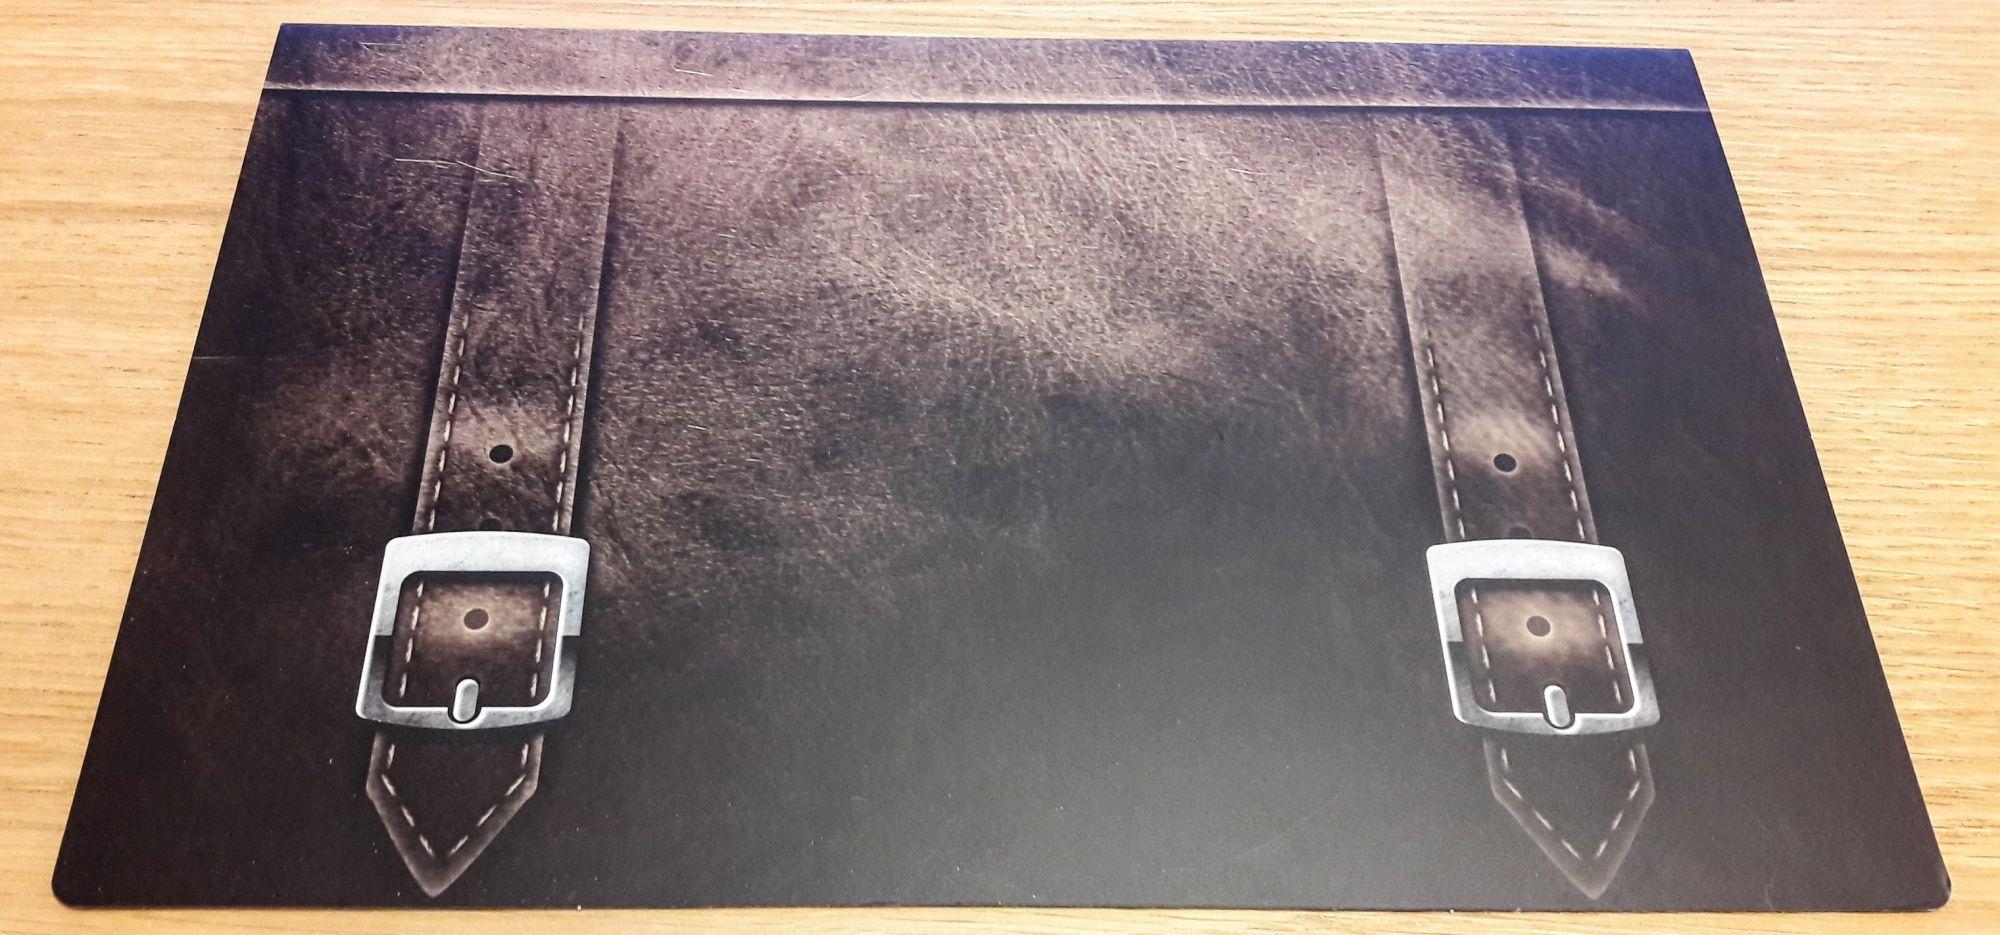 Que peut bien cacher ce superbe porte-document ?